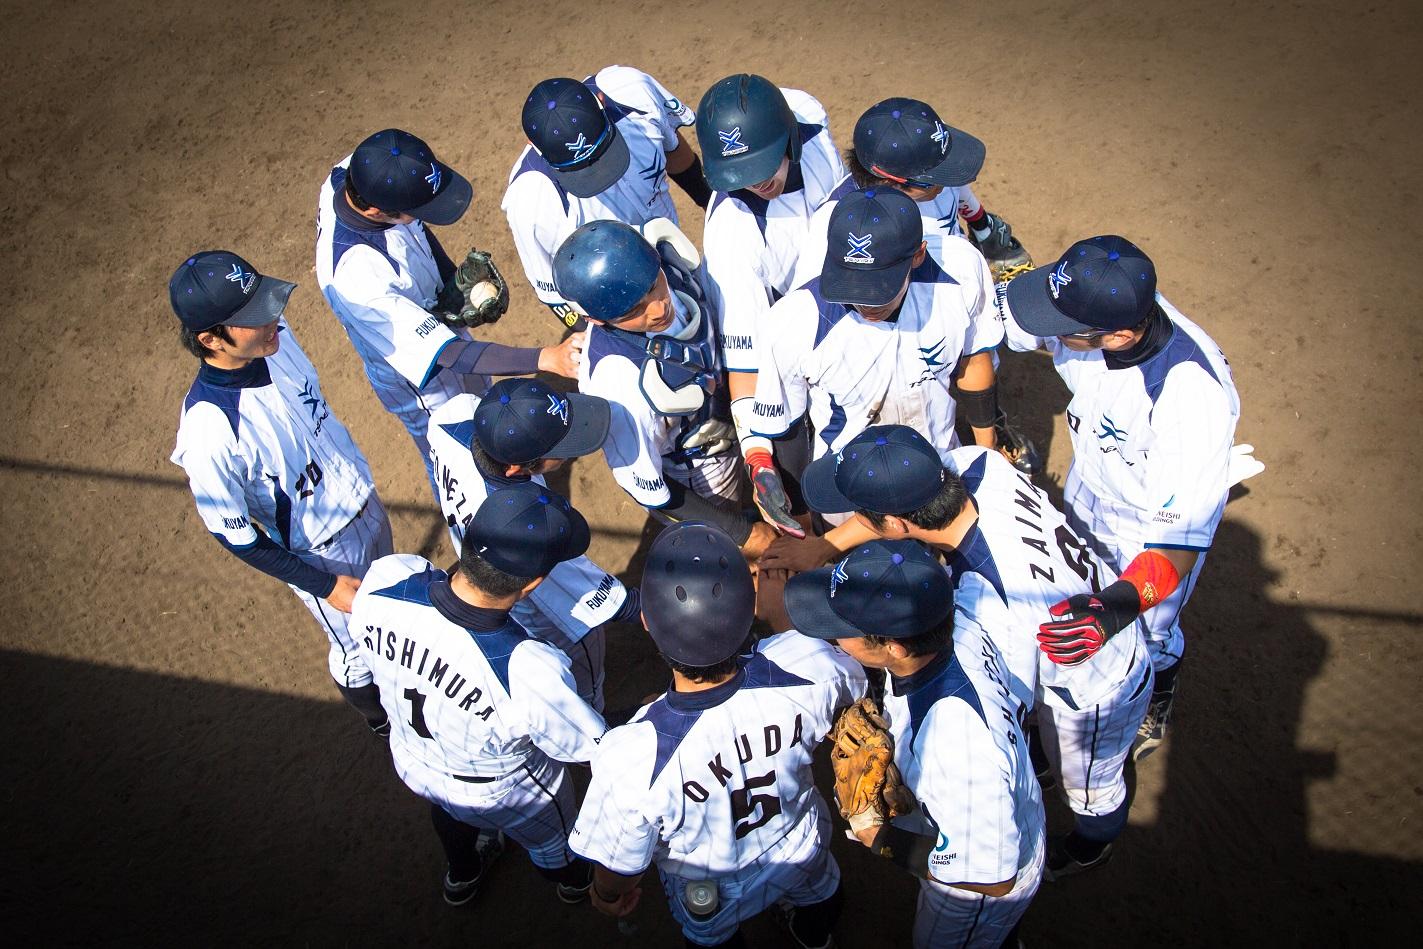 ツネイシ硬式野球部が第55回JABA広島大会に出場!